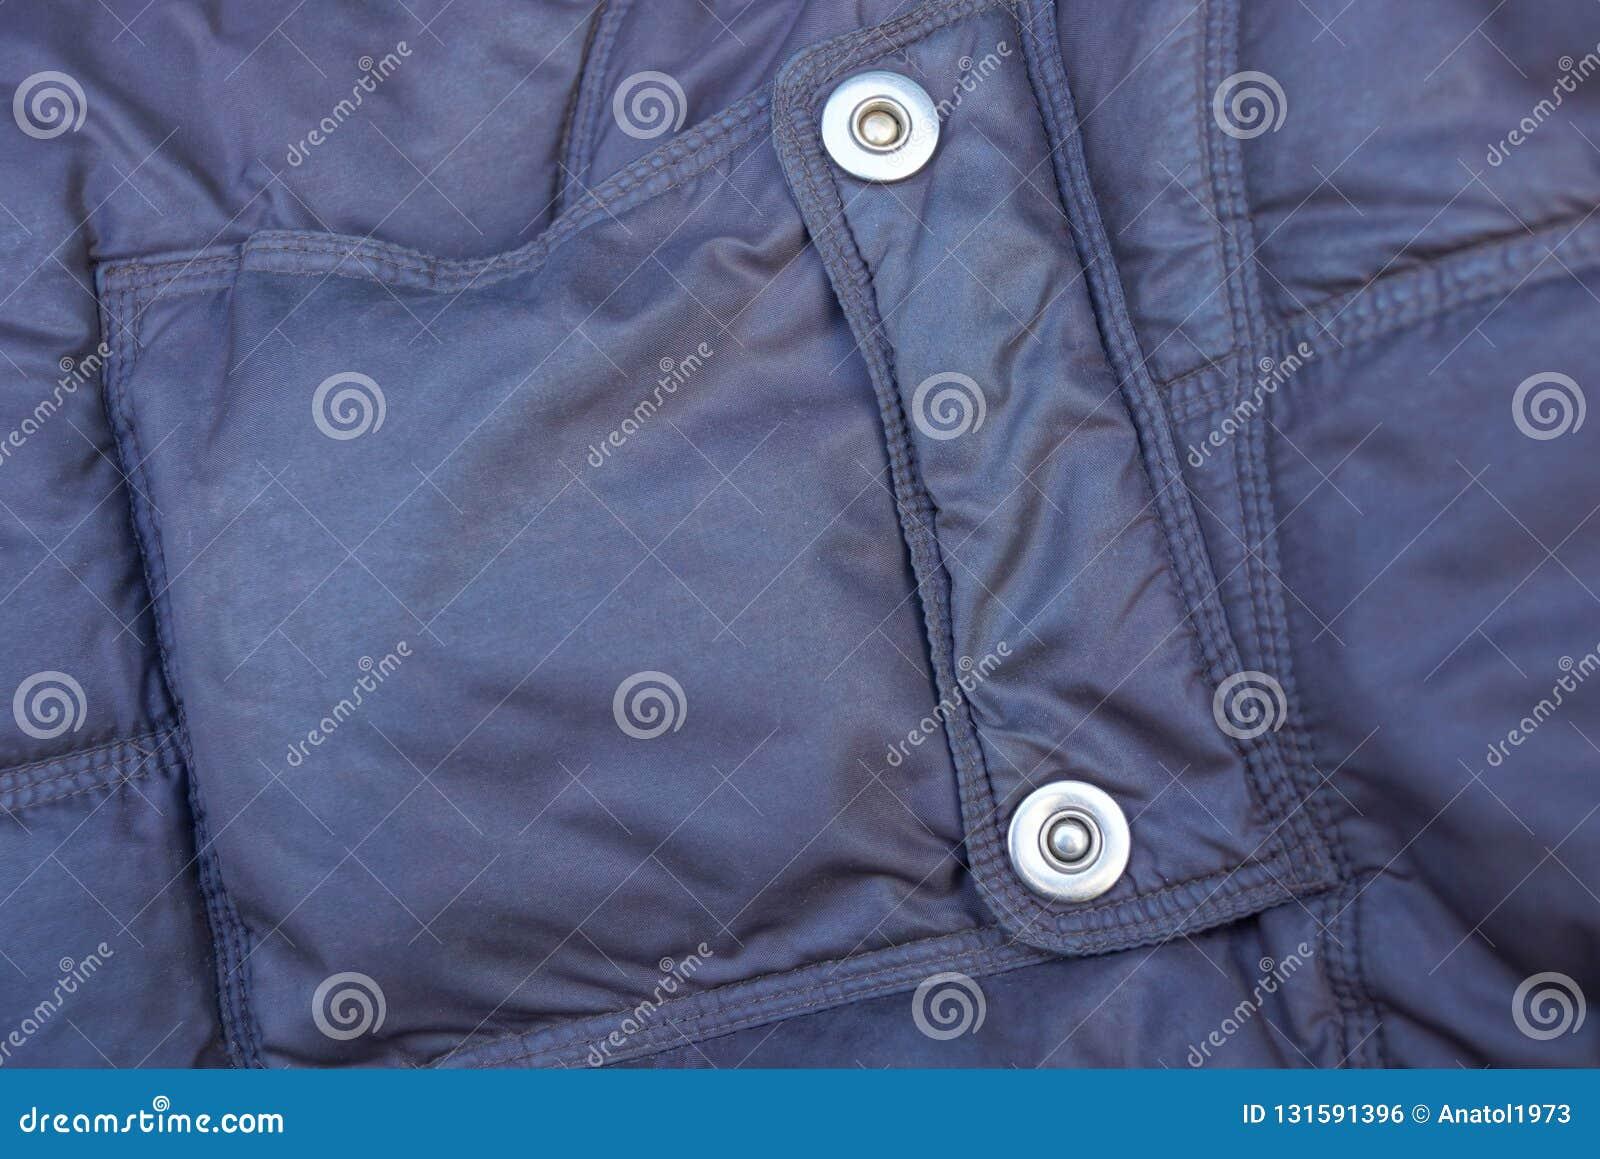 Textura de la tela de Brown del bolsillo con los remaches del metal en la ropa sintética